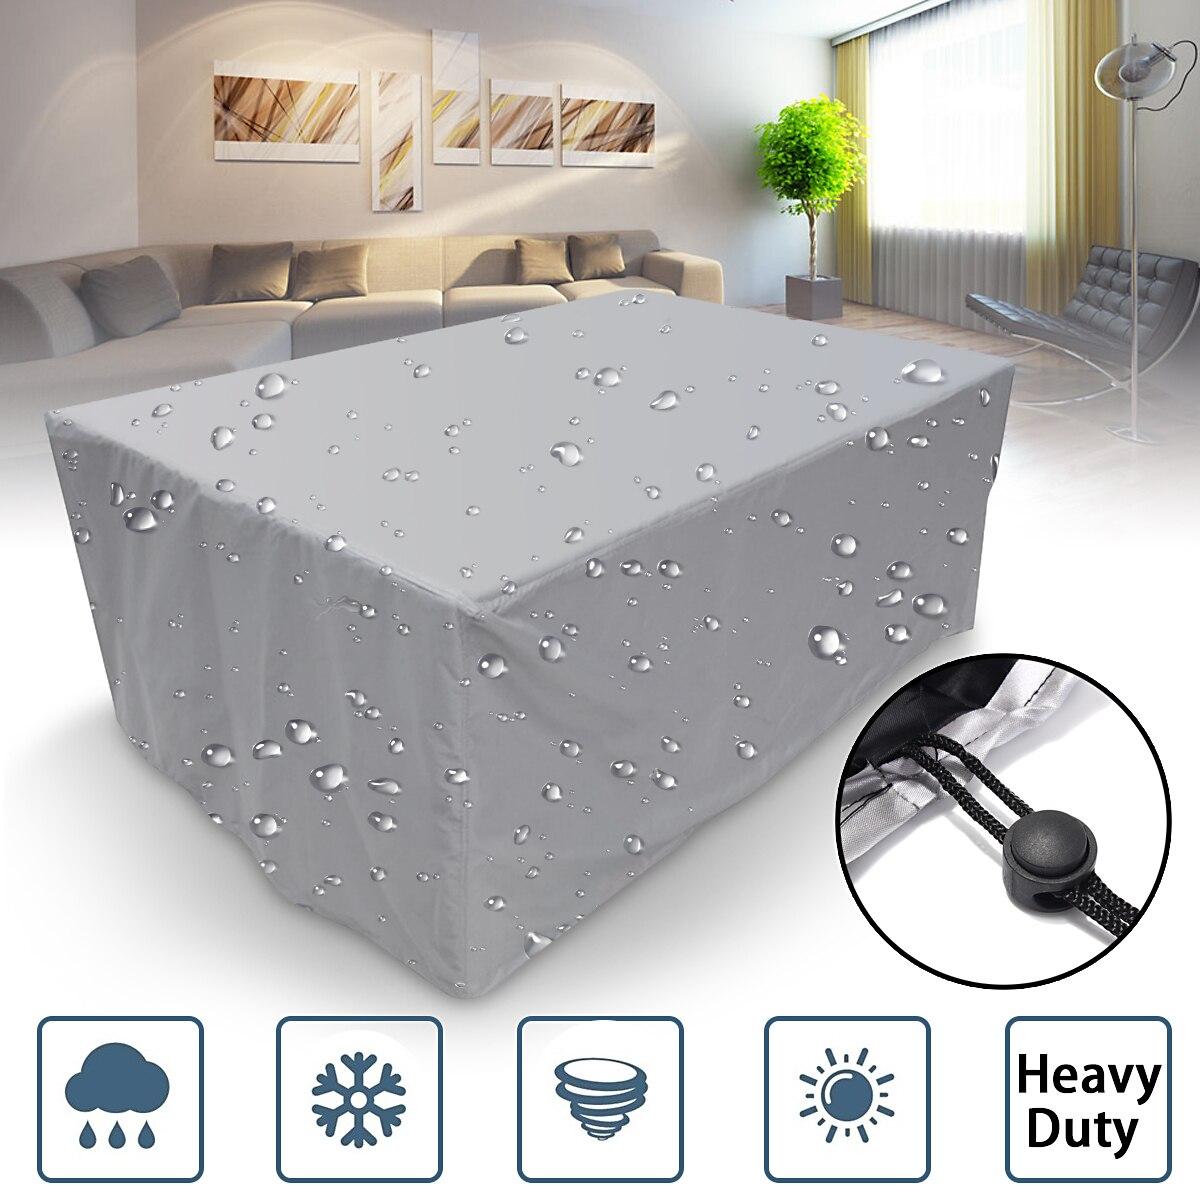 32 tailles imperméable à leau en plein air Patio meubles de jardin couvre pluie neige chaise couvre pour canapé Table chaise anti-poussière couverture